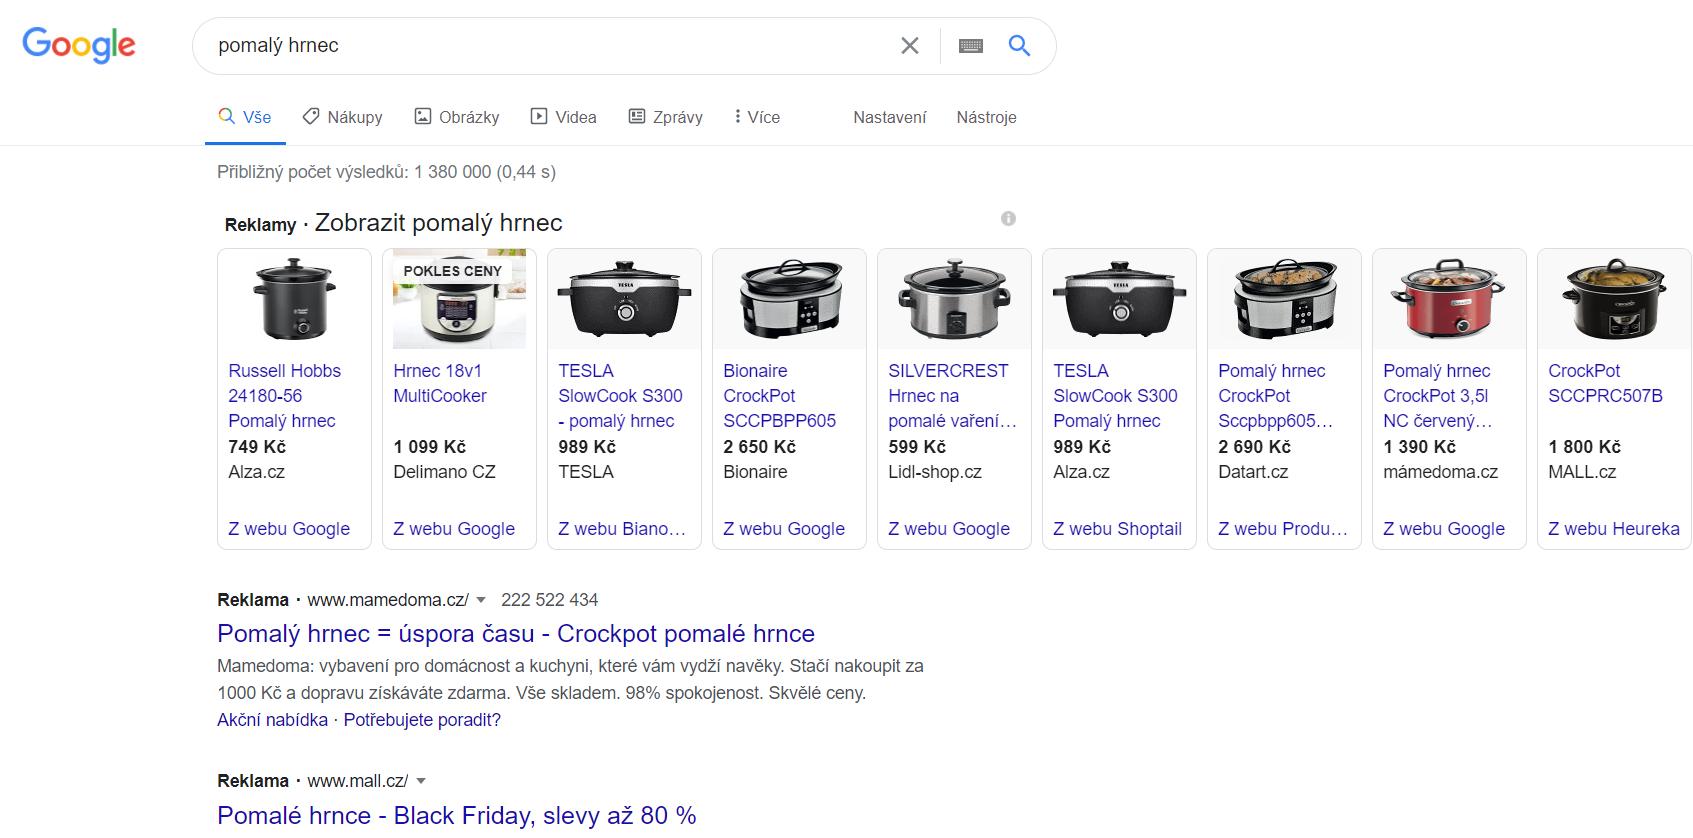 Pět z devíti pomalých hrnců porovnal sám Google, zbytek třetí strany. Repro: Google